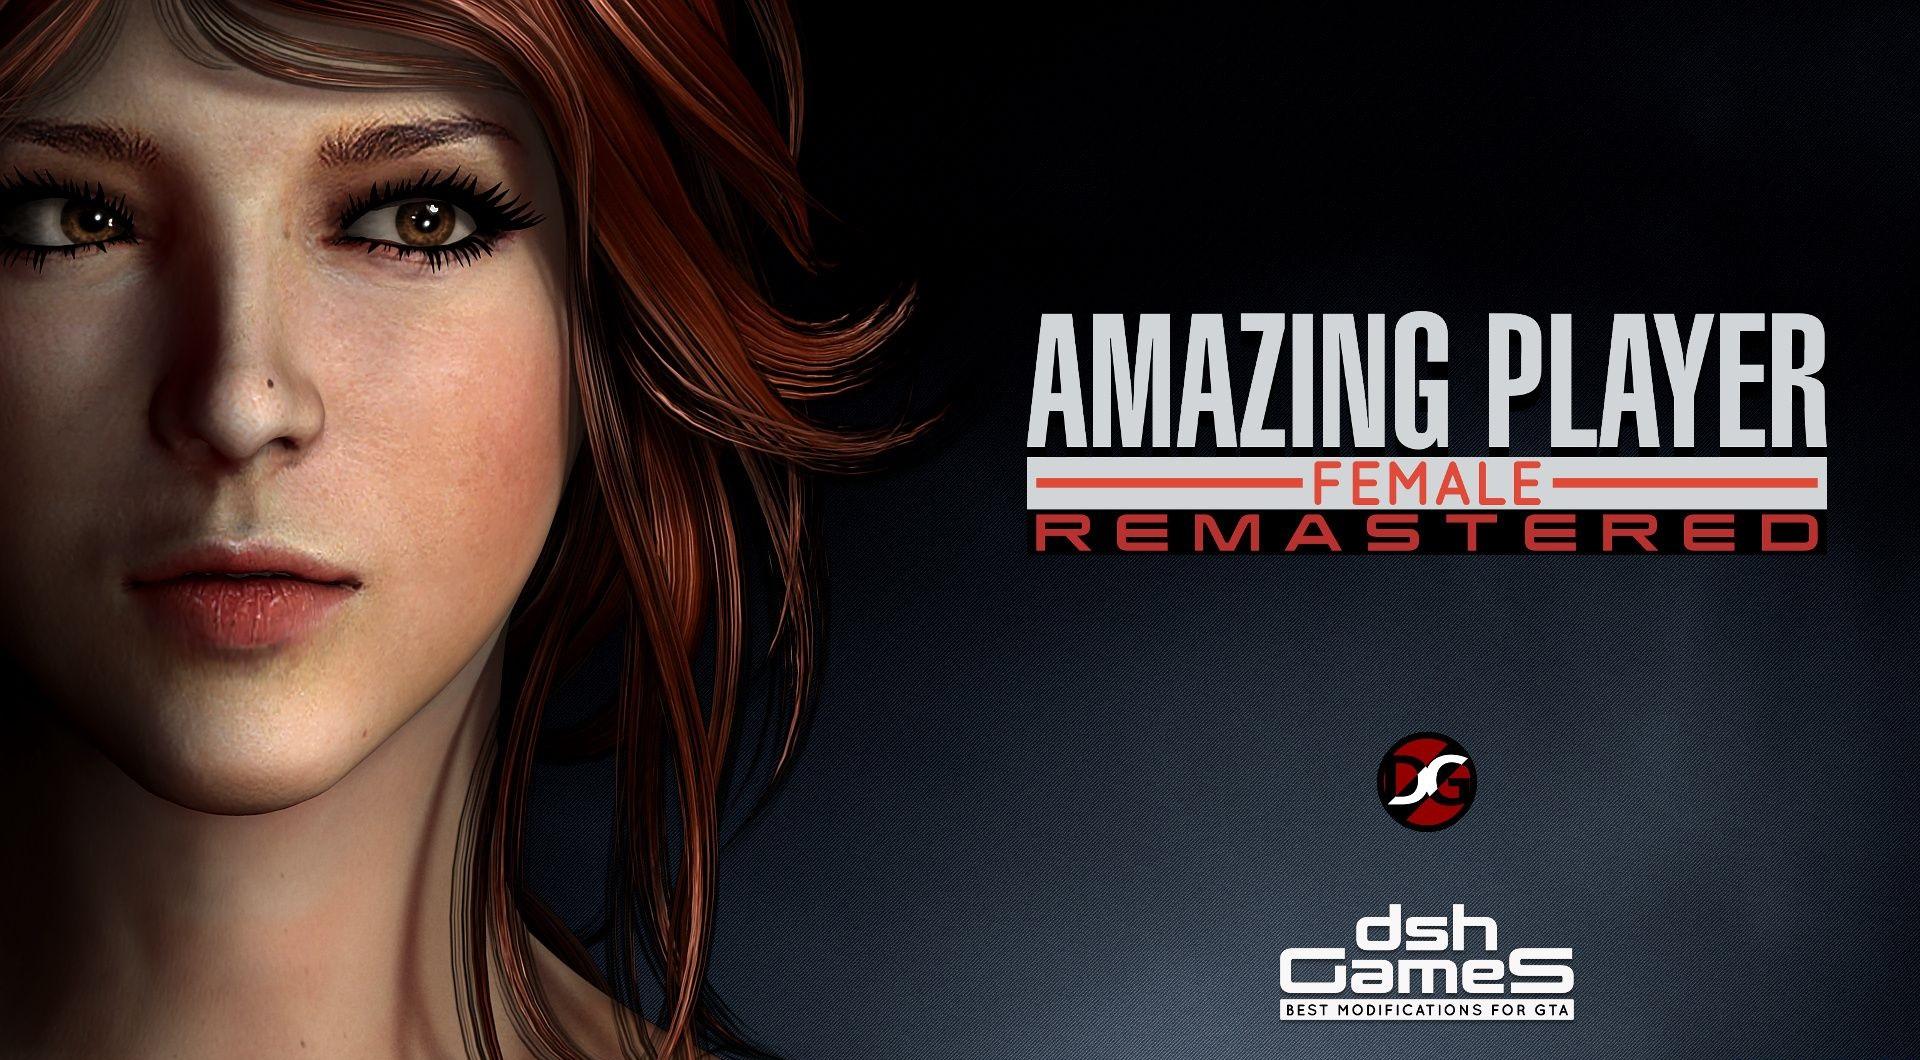 Amazing player: Female [REMASTERED]